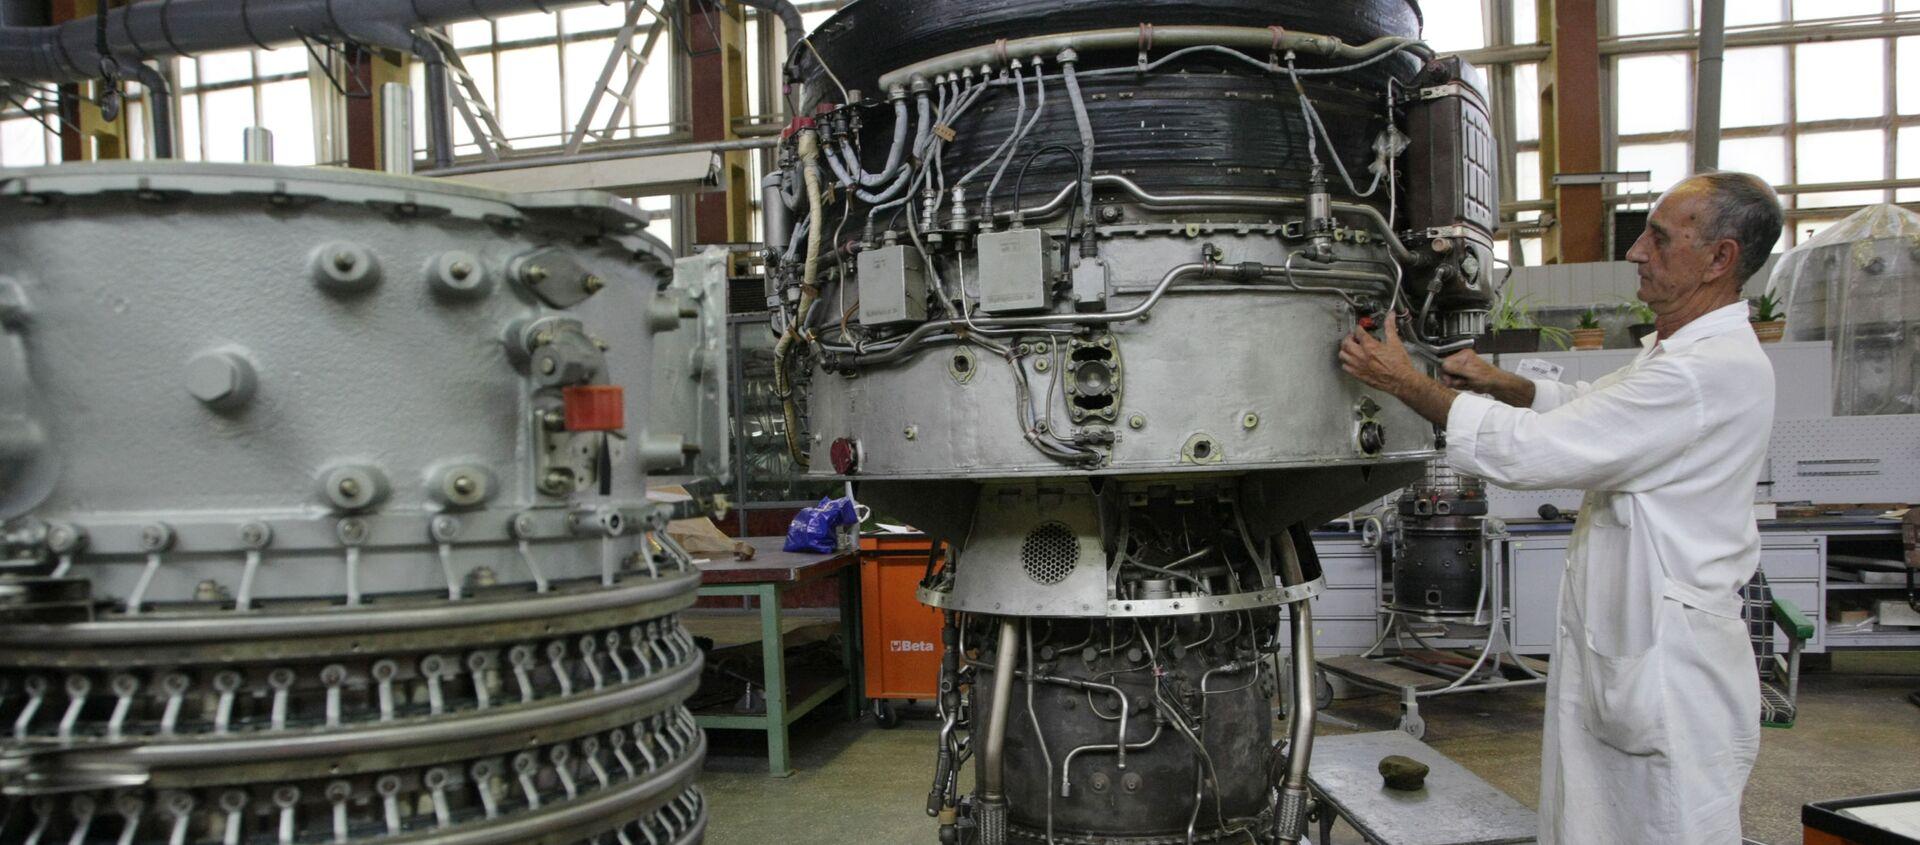 Công nhân làm việc trong xưởng của nhà máy Motor Sich ở Zaporozhye - Sputnik Việt Nam, 1920, 25.03.2021